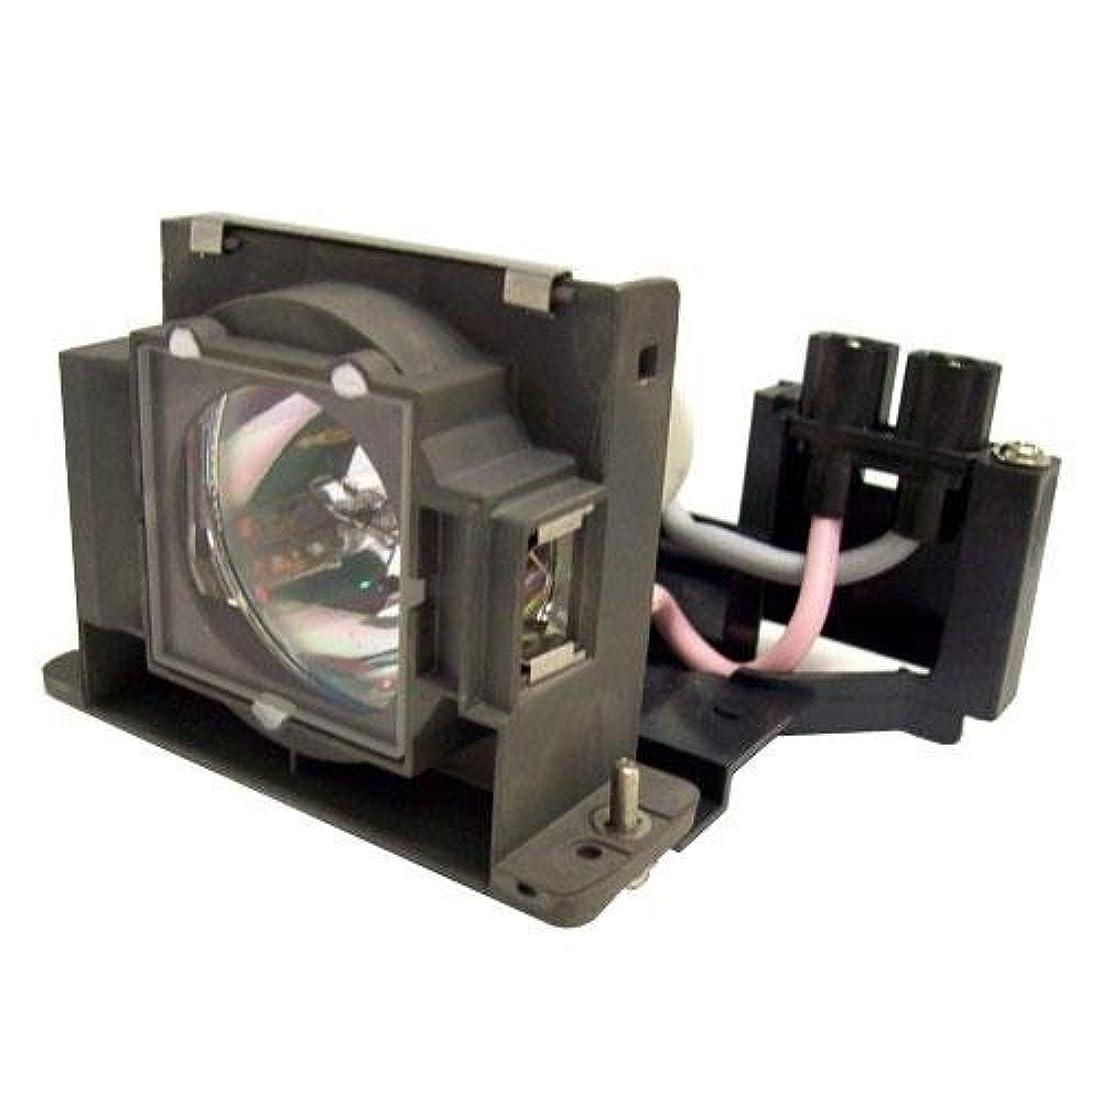 関係する小屋策定するPureglare MITSUBISHI HC1500U プロジェクター交換用ランプ 汎用 150日間安心保証つき